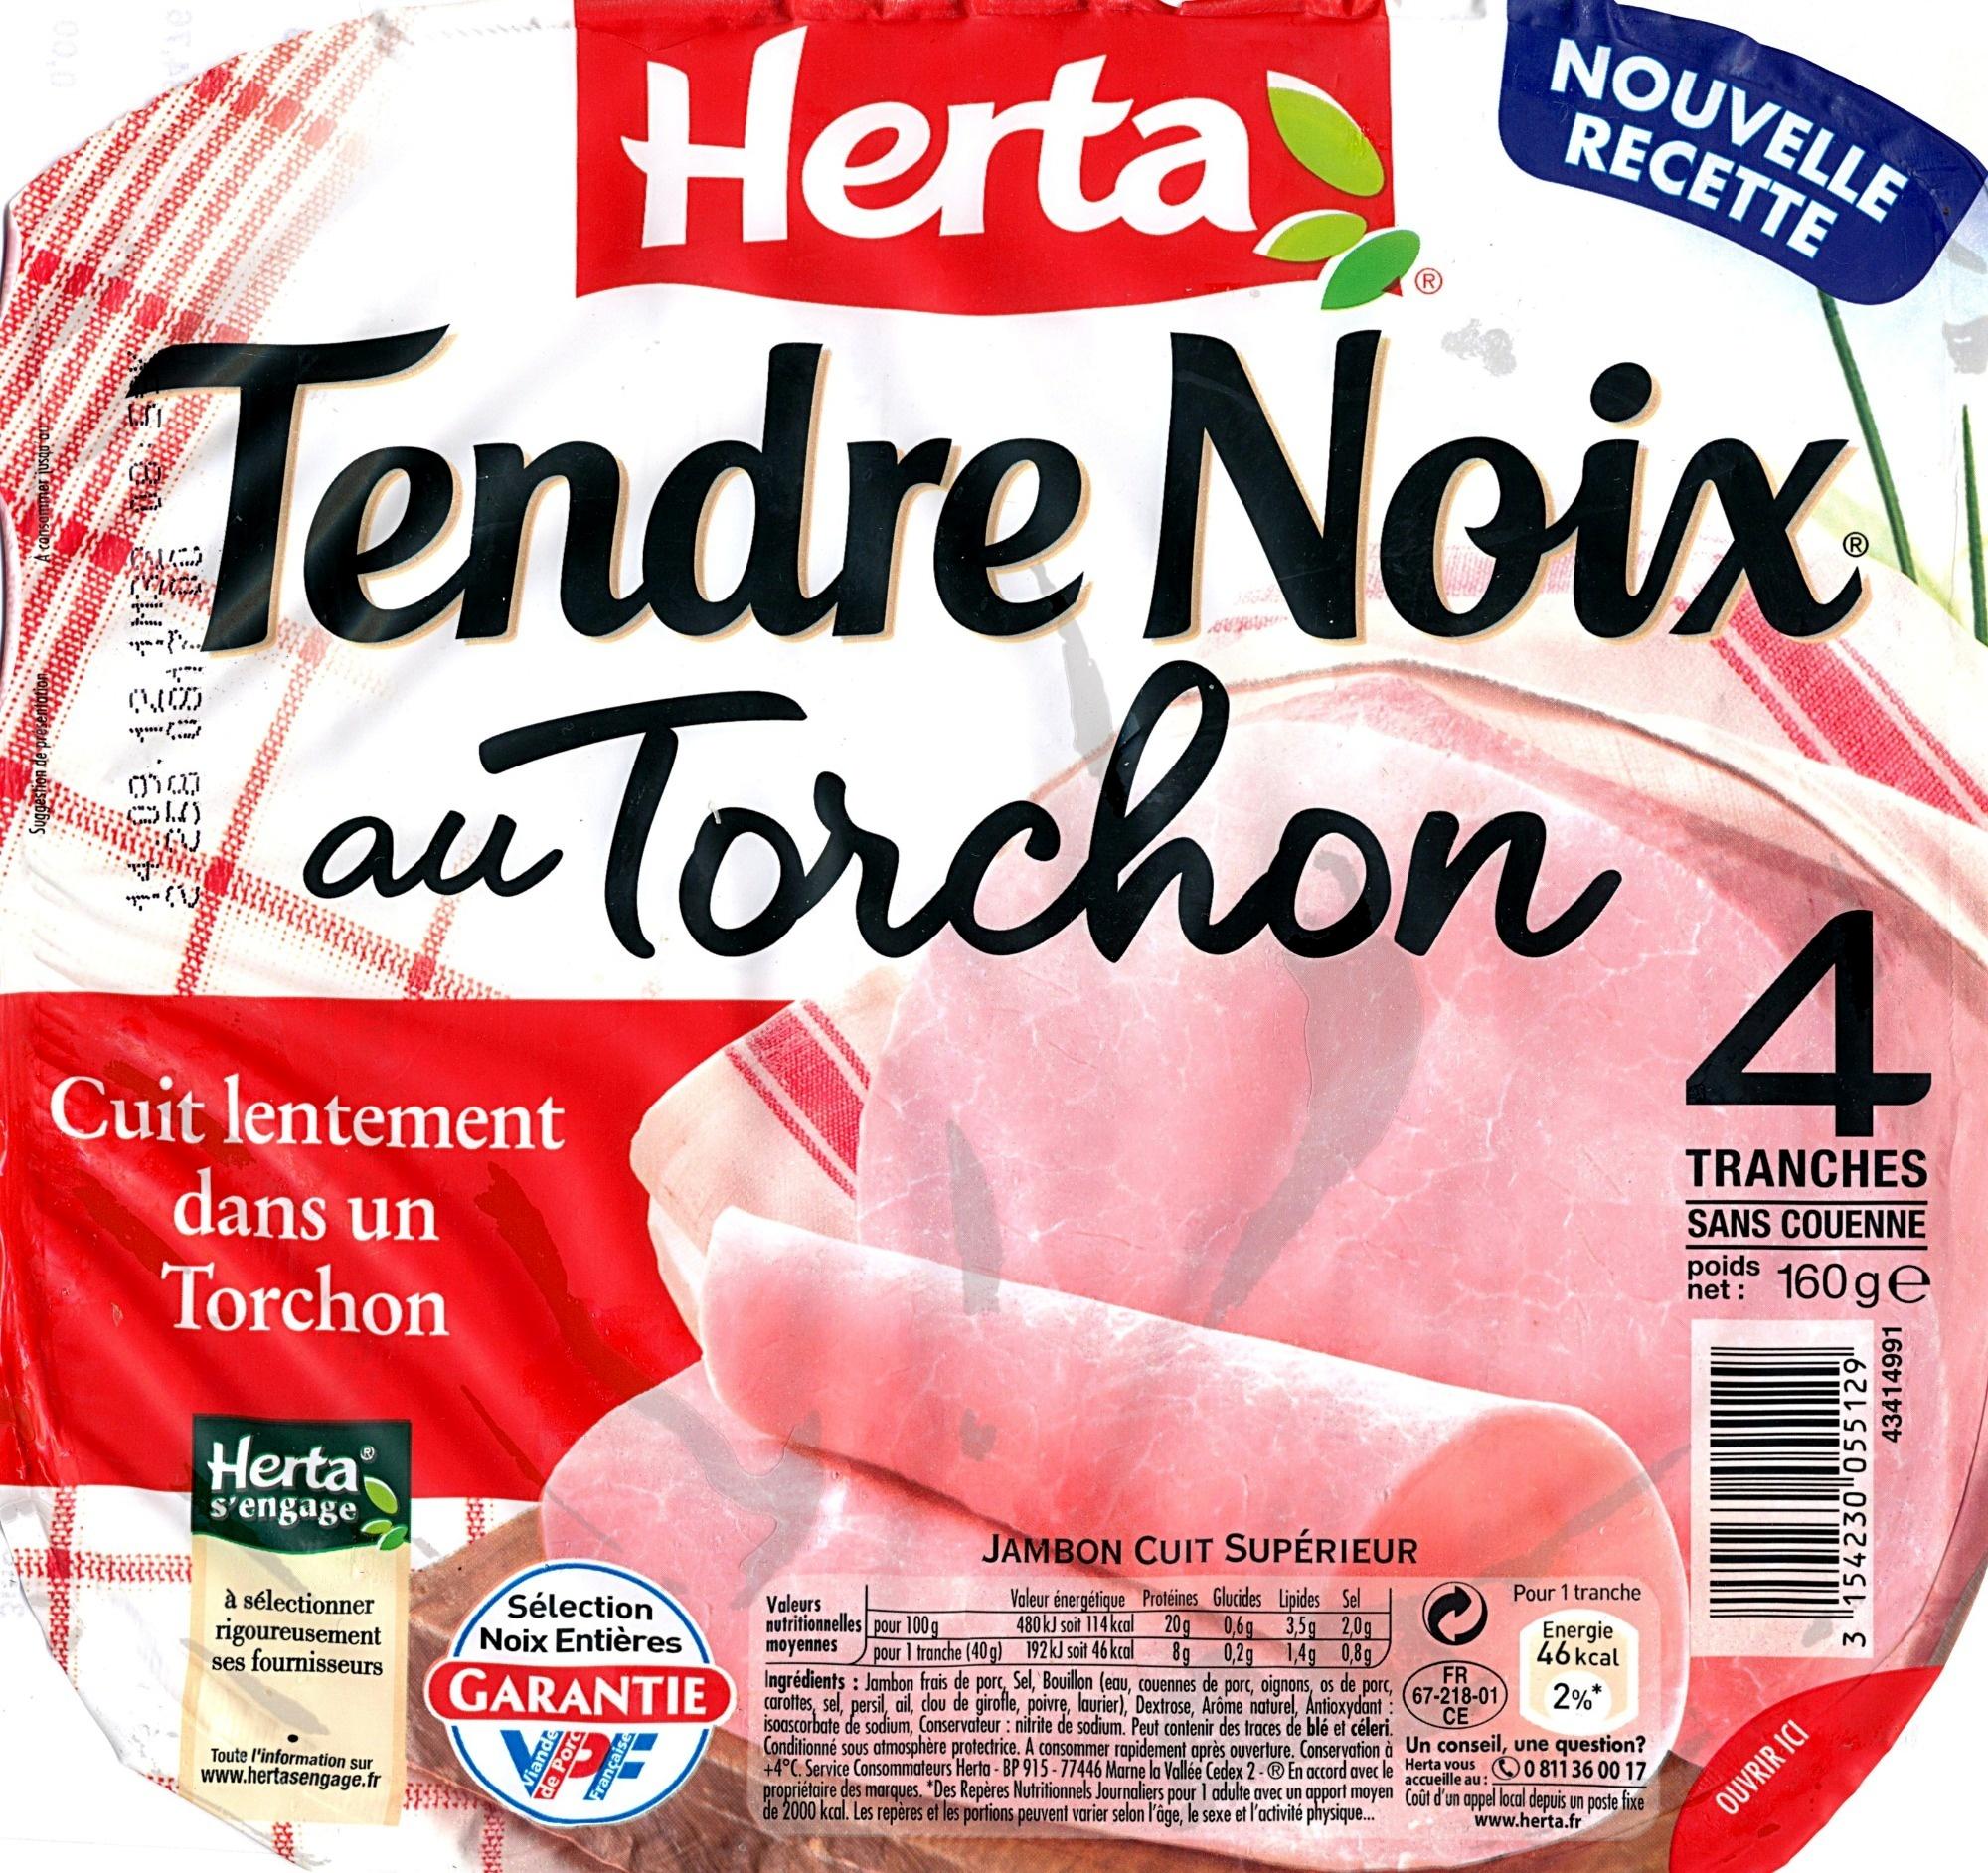 Tendre Noix, au Torchon (4 Tranches Sans Couenne) - Produit - fr